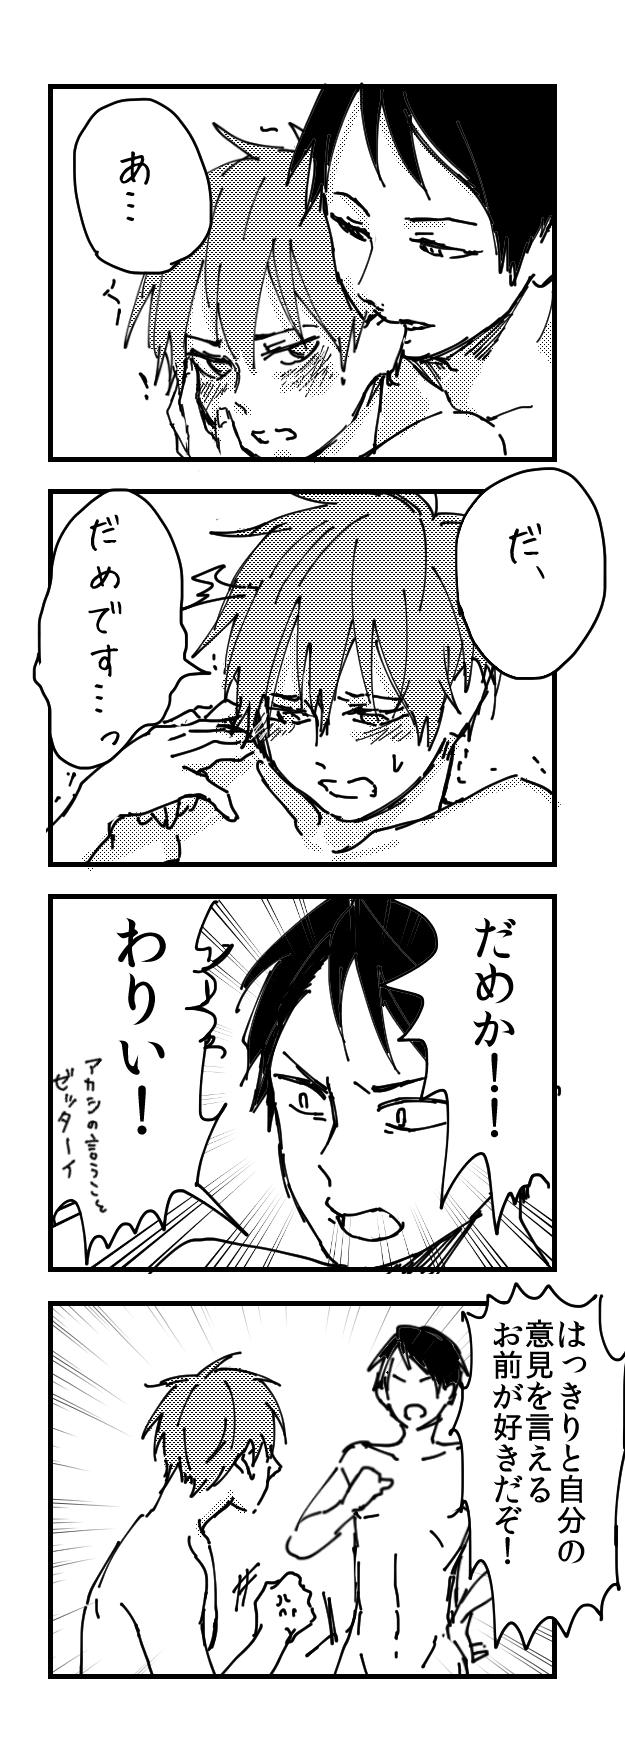 zhopa-machehi